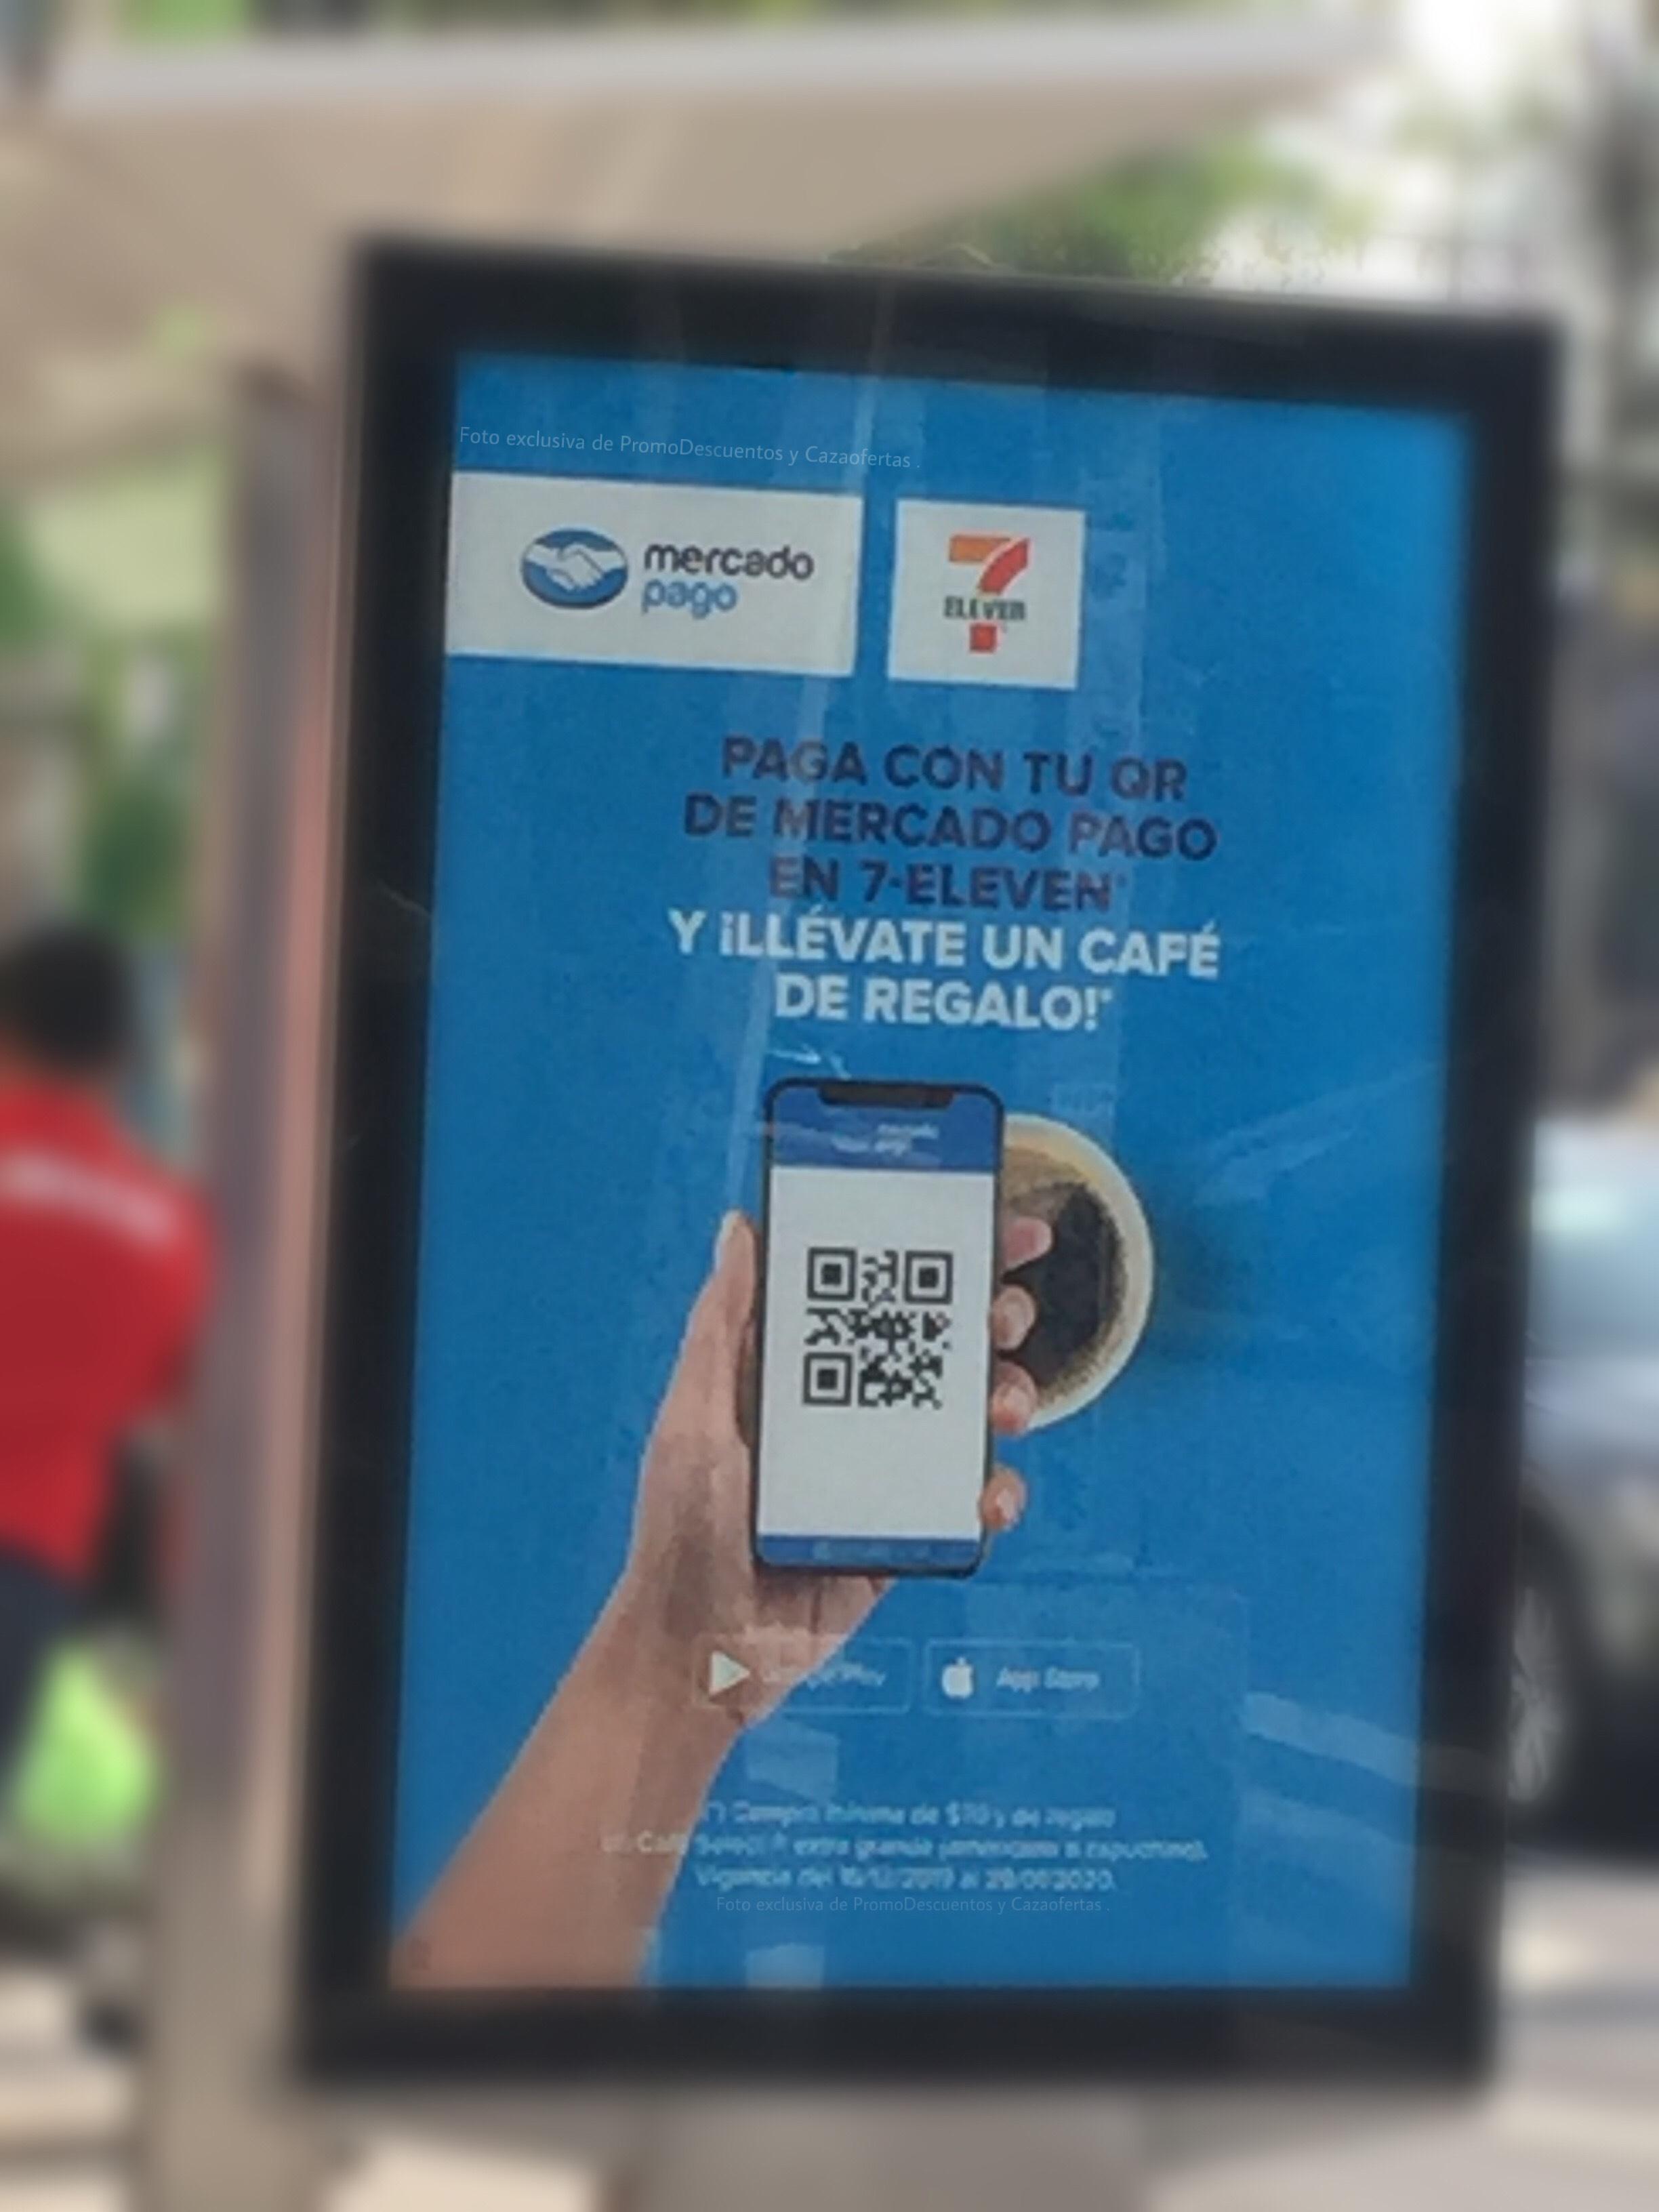 7 Eleven: Cafe GRATIS pagando con QR de Mercado Pago